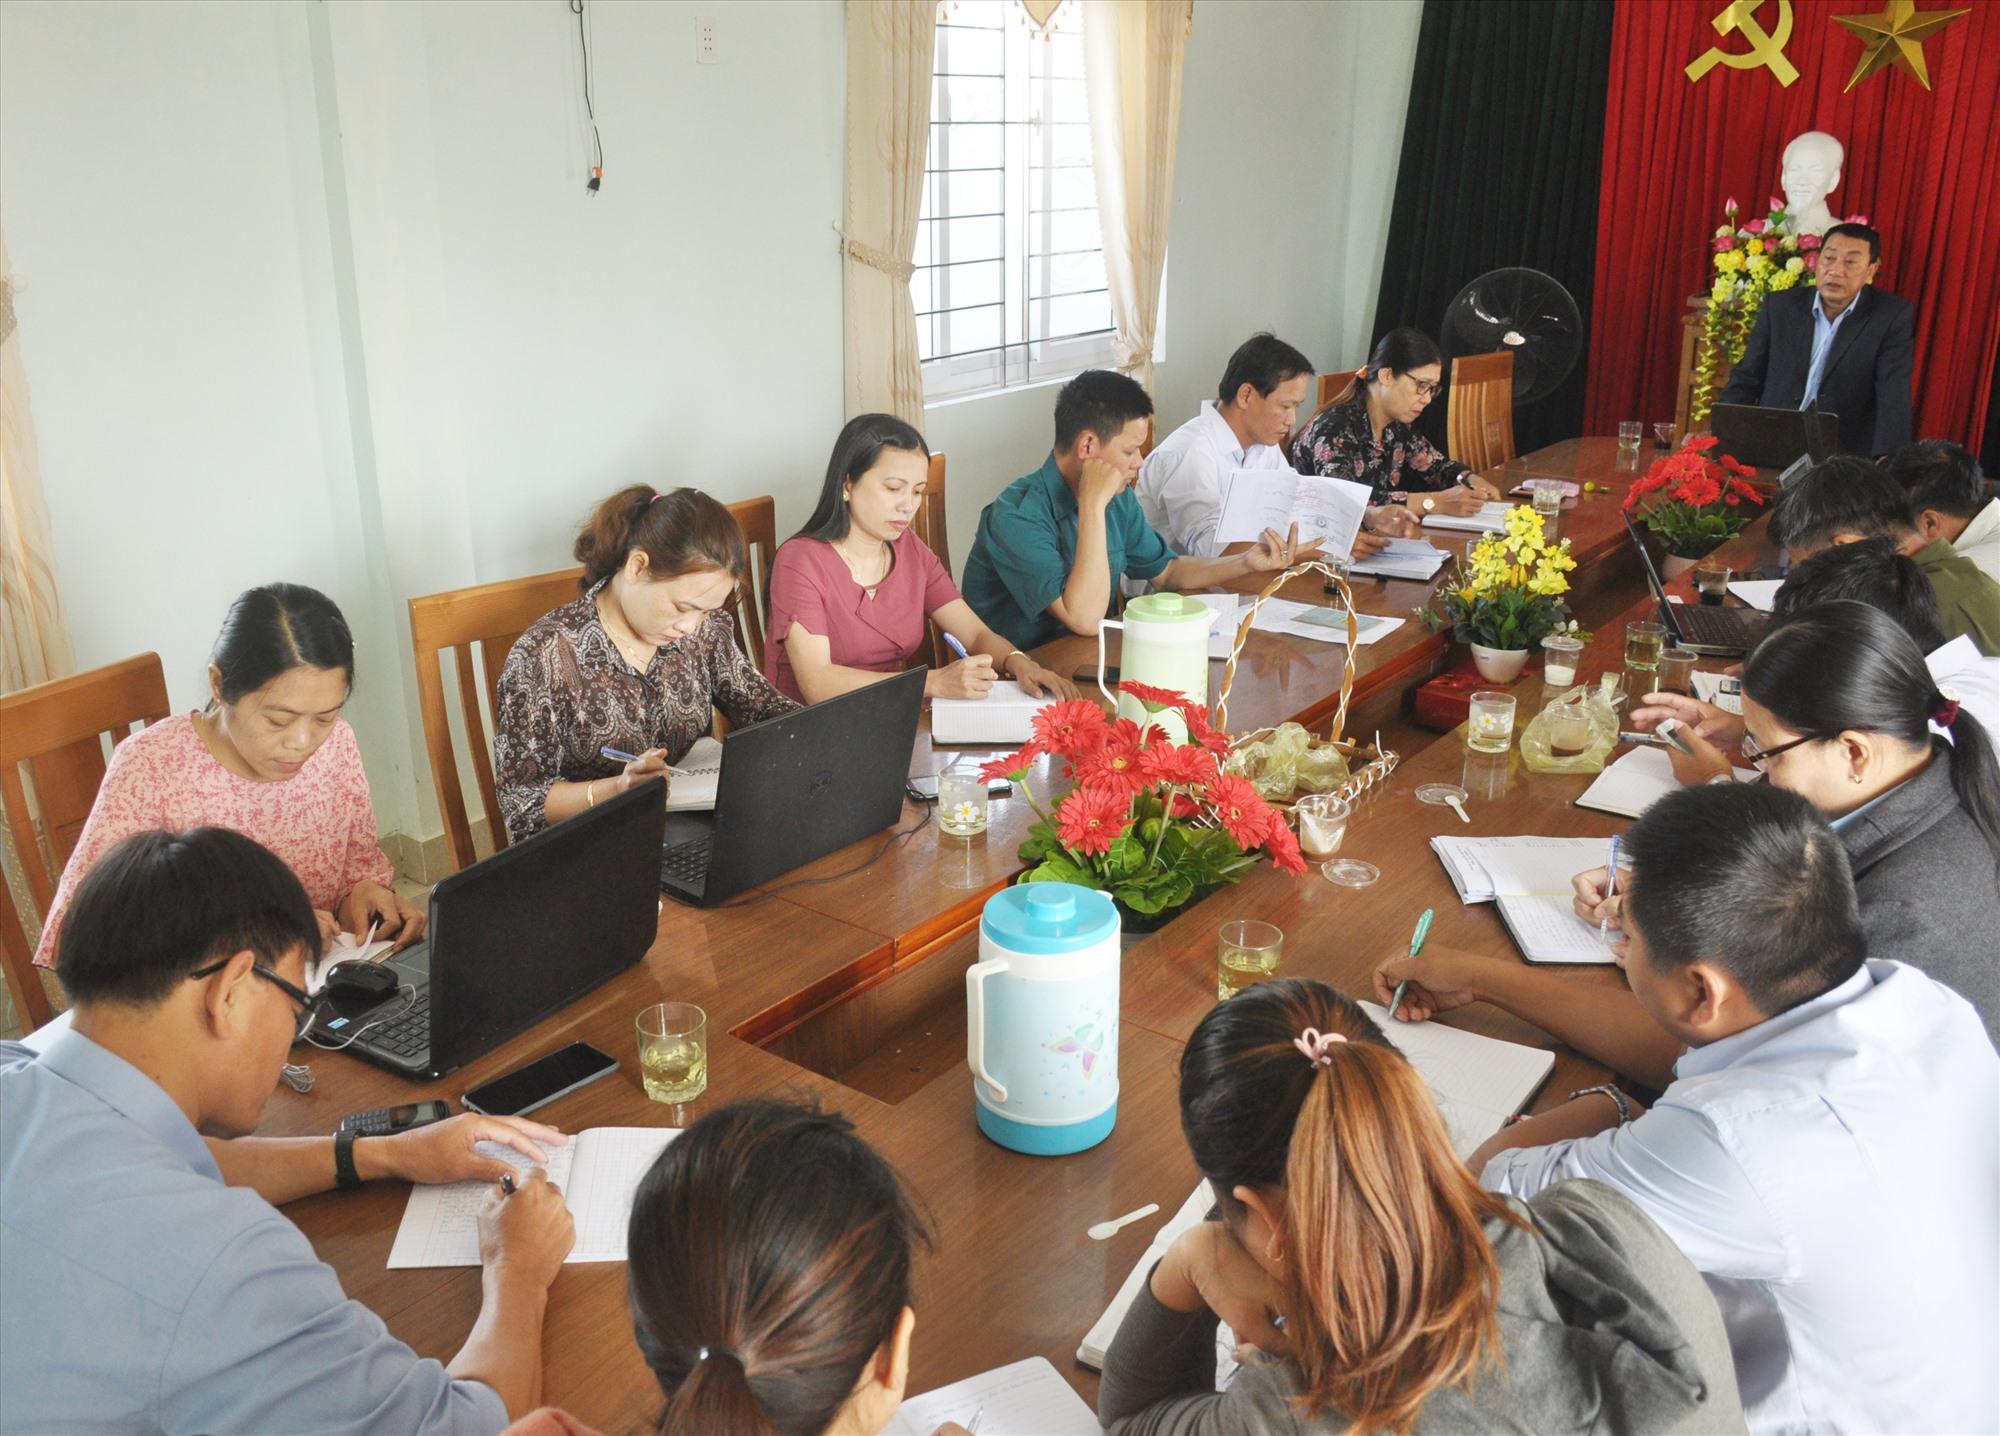 Đảng ủy xã Tam Xuân 2 họp lấy ý kiến góp ý, rà soát lần cuối đối với các nội dung chuẩn bị cho tổ chức Đại hội Đảng bộ xã nhiệm kỳ 2020 - 2025. Ảnh: N.Đ